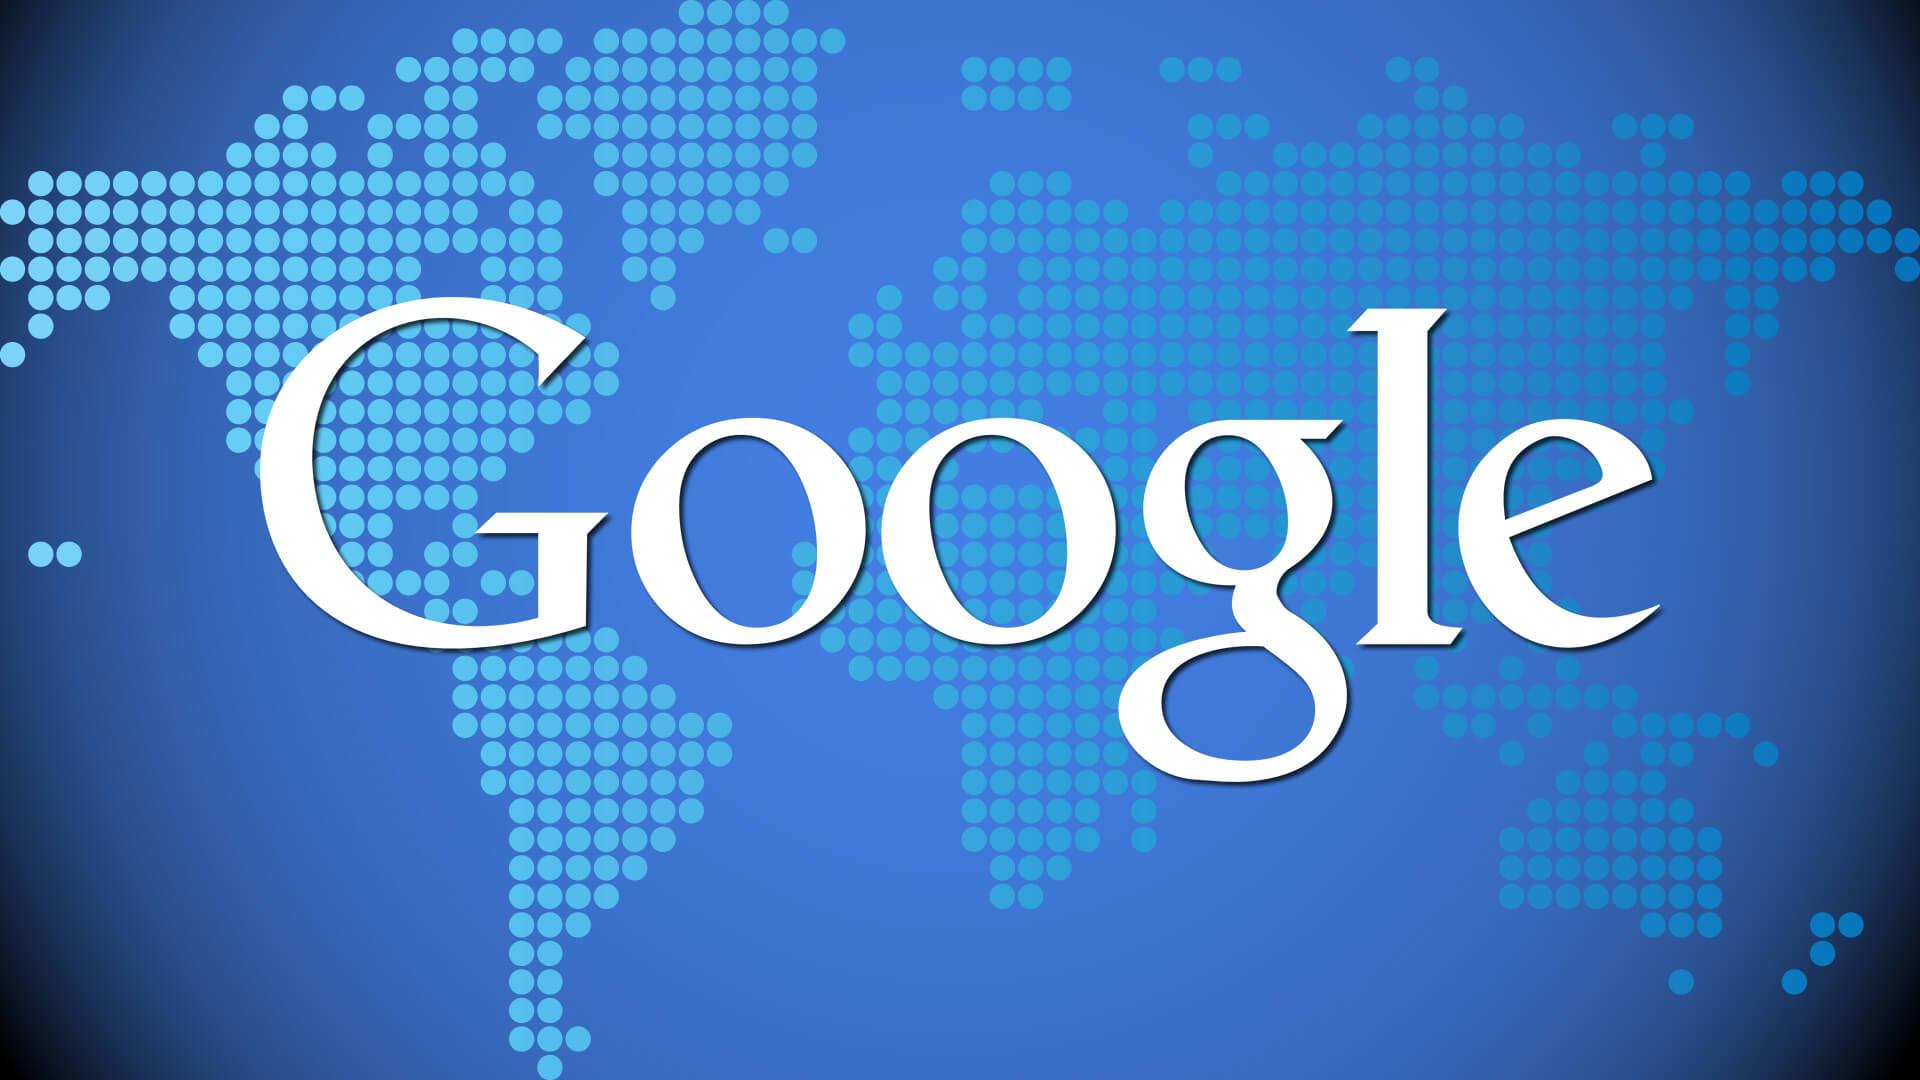 Google a punto de reabrir Map Maker, moderación en gran parte de subcontratación